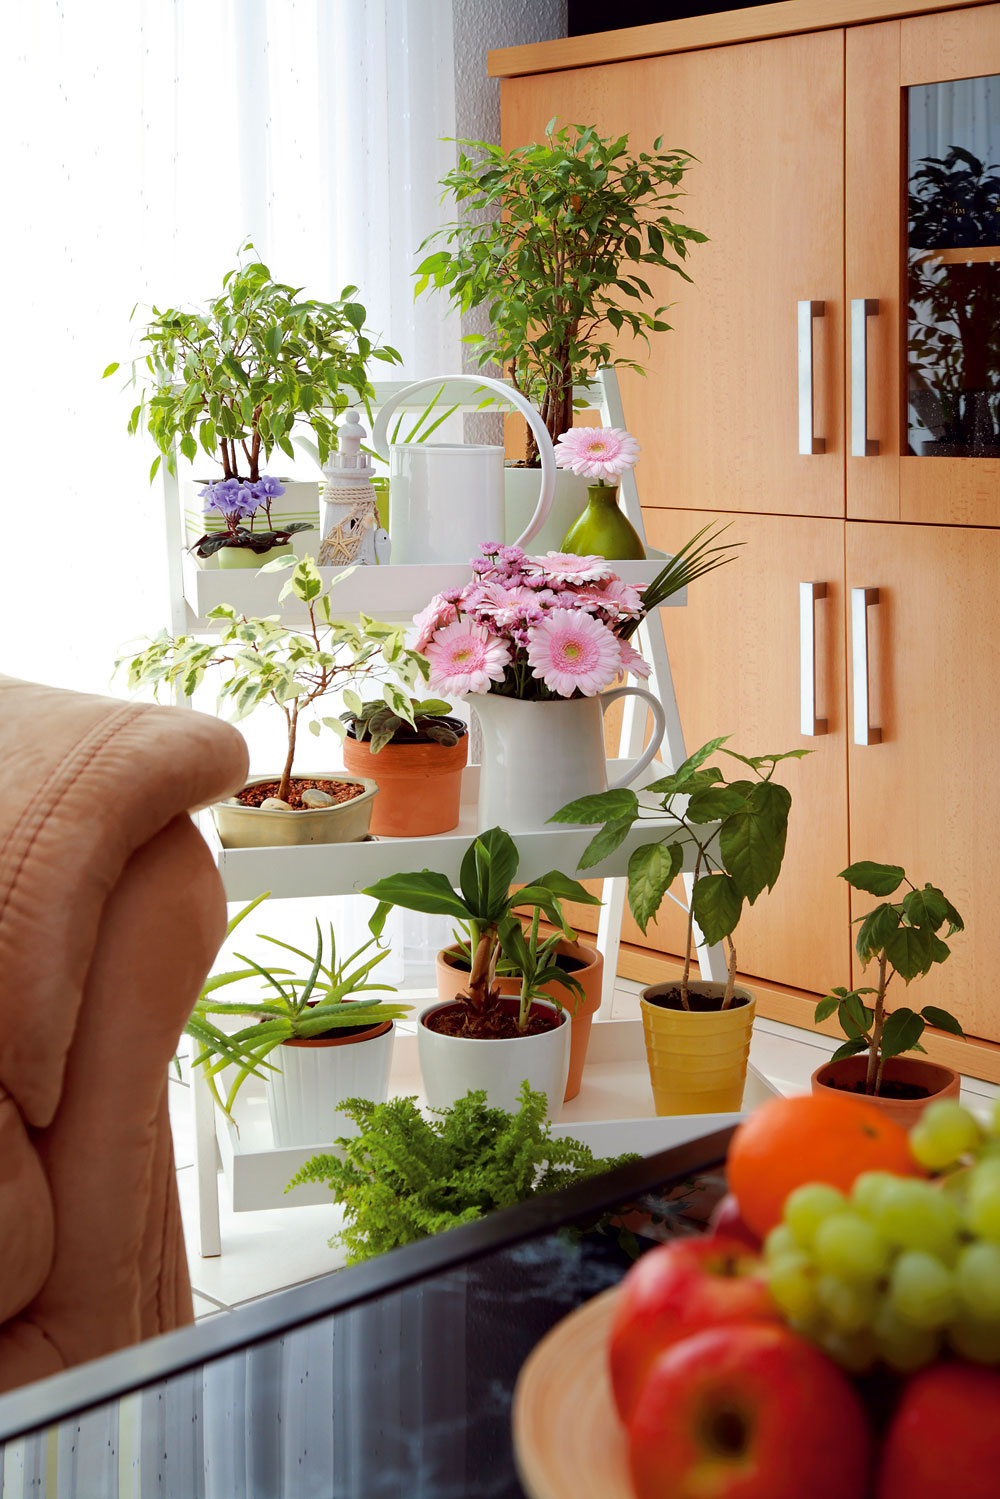 Bytové kvety sú zdrojom alergénov, najmä tie kvitnúce. Do bytu alergika nepatria.